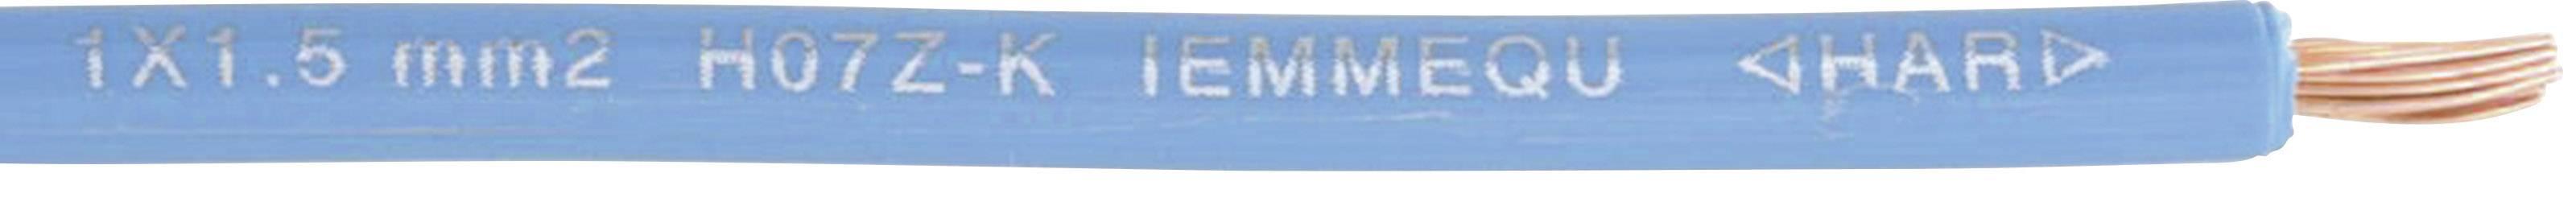 Pletenica H07Z-K 1 x 10 mm, zelena-rumena Faber Kabel 040282 cena za meter